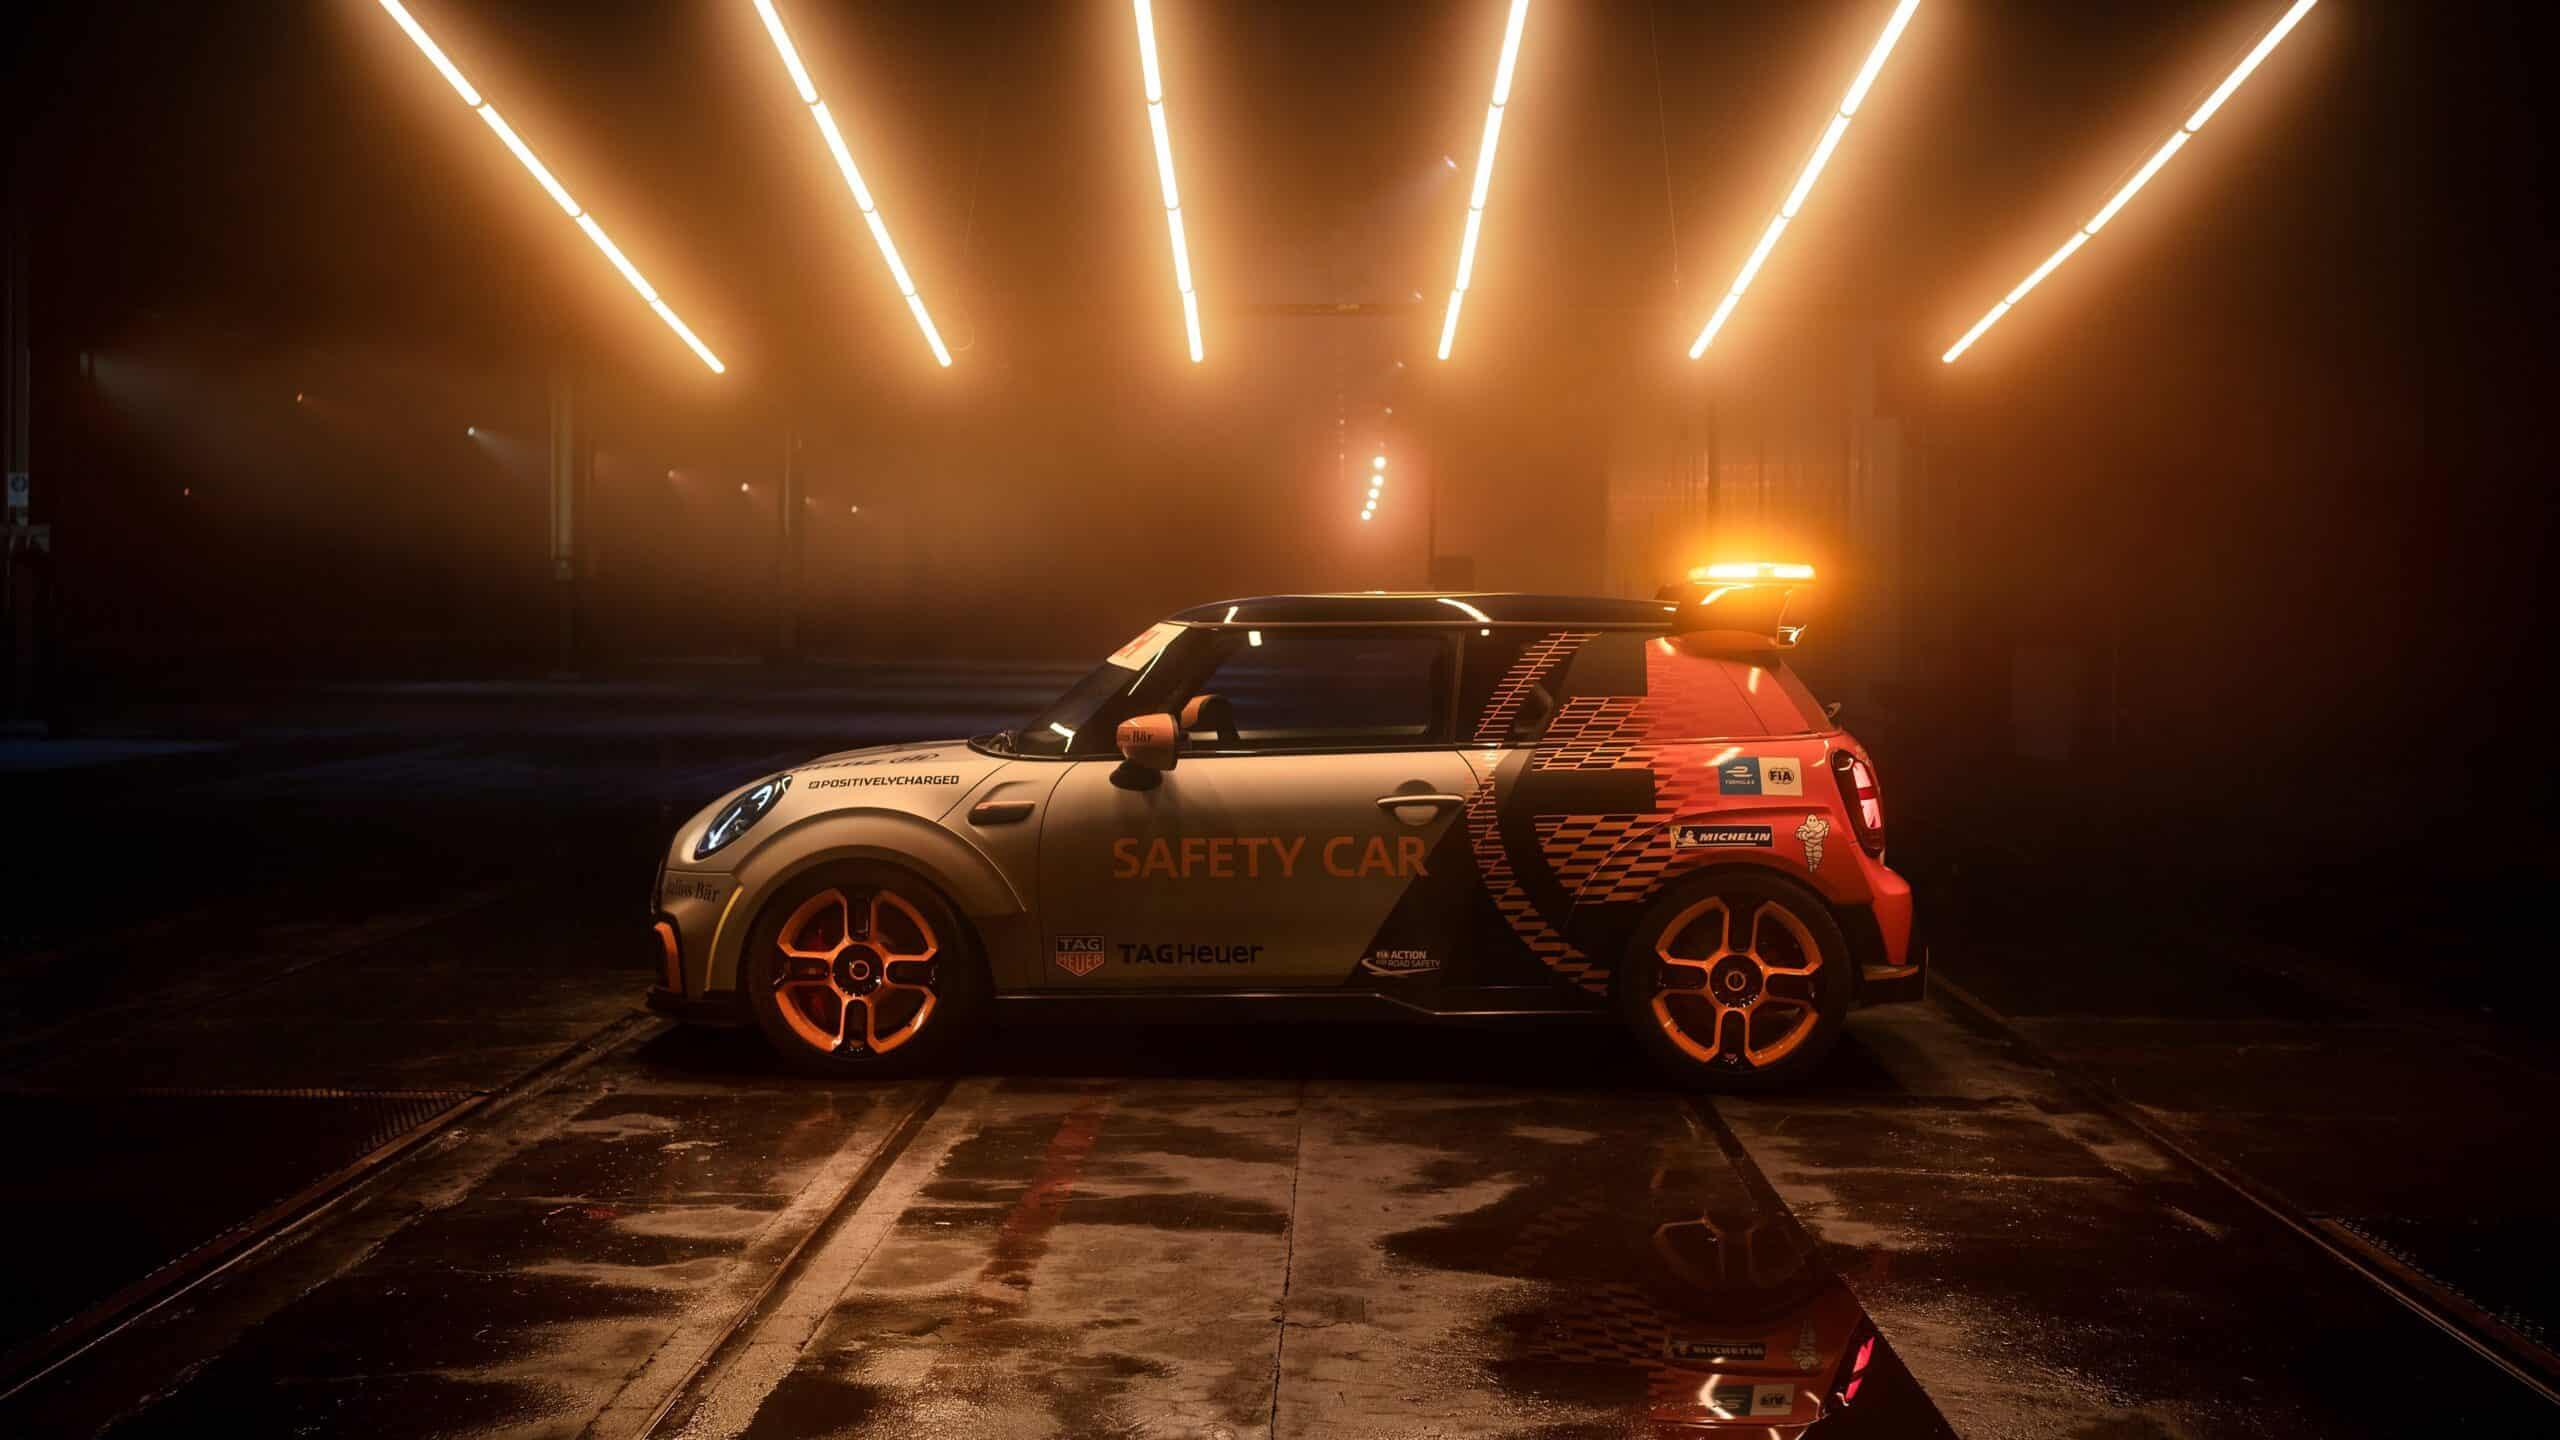 El Mini Electric Pacesetter se convertirá en el nuevo safety car de la Fórmula E